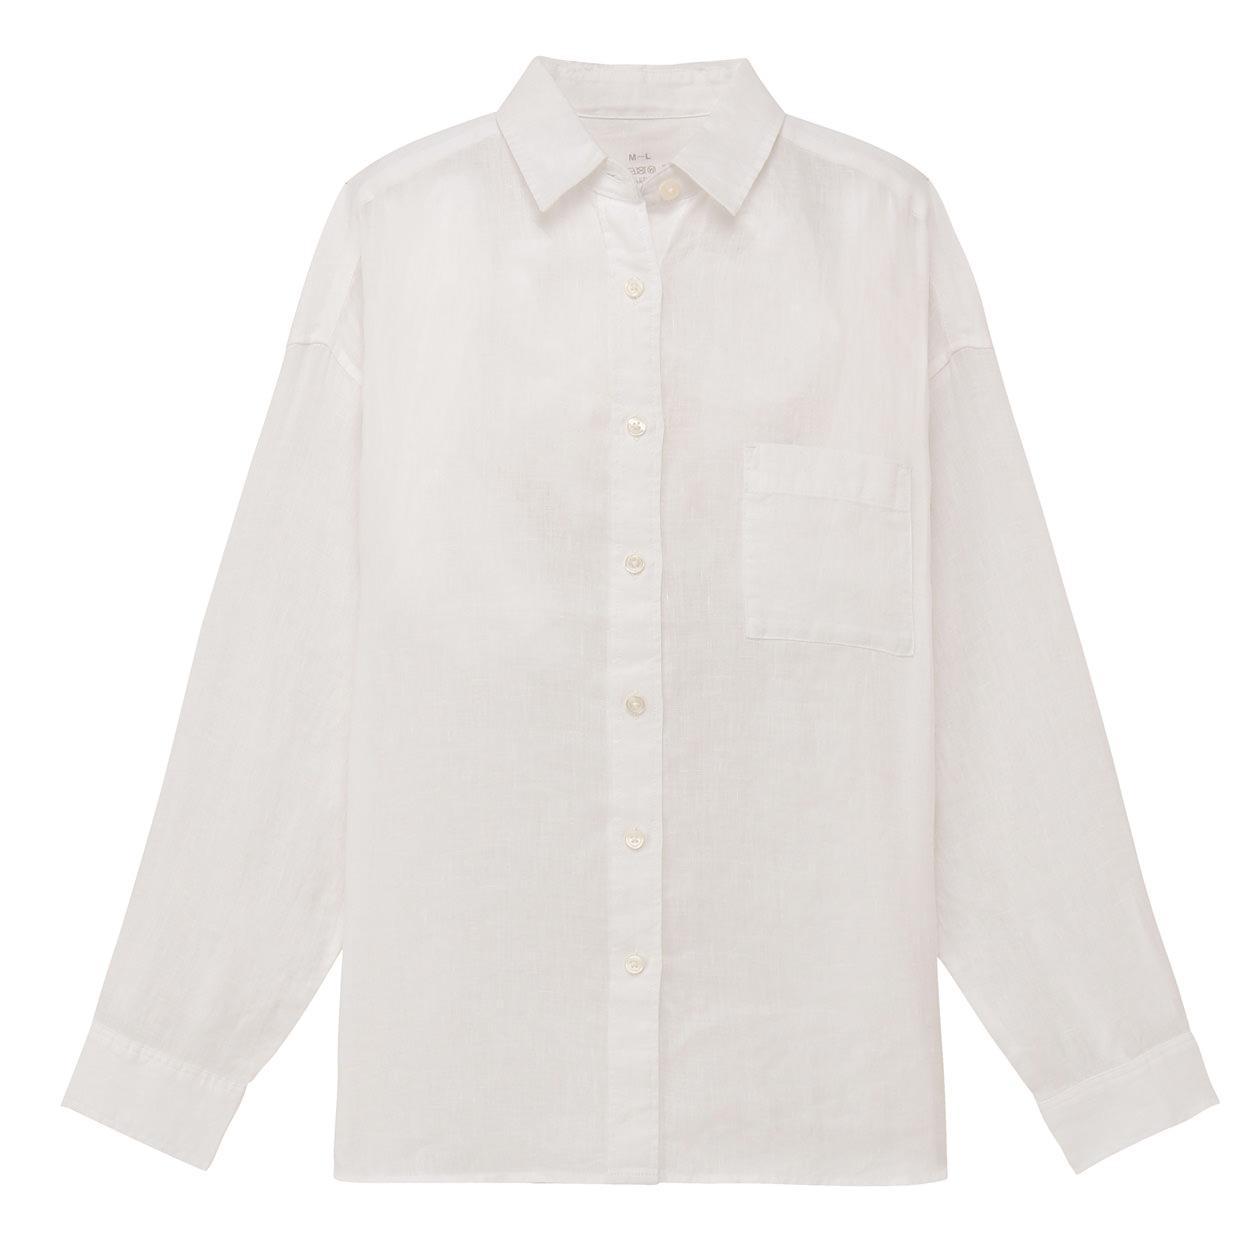 フレンチリネン洗いざらしワイドシャツ 白